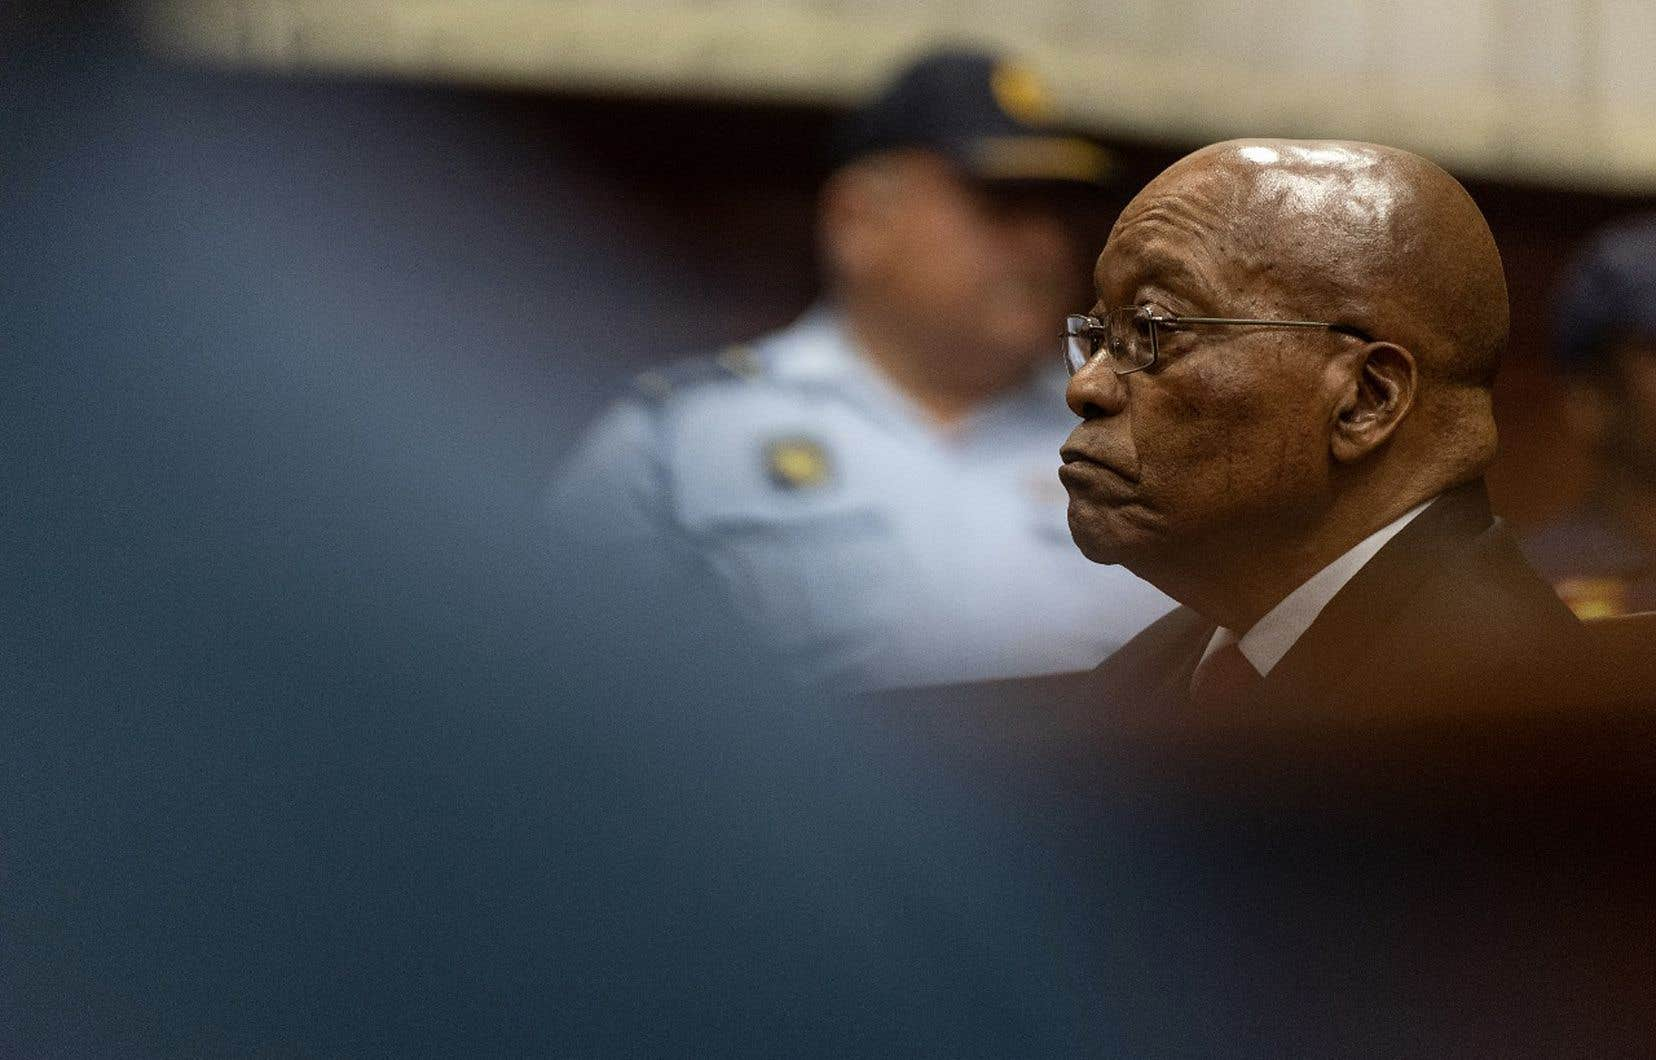 L'aide apportée à la vente par Bombardier d'un jet privé à des proches du président Jacob Zuma, au cœur de plusieurs scandales de corruption, est citée en exemple dans le rapport.